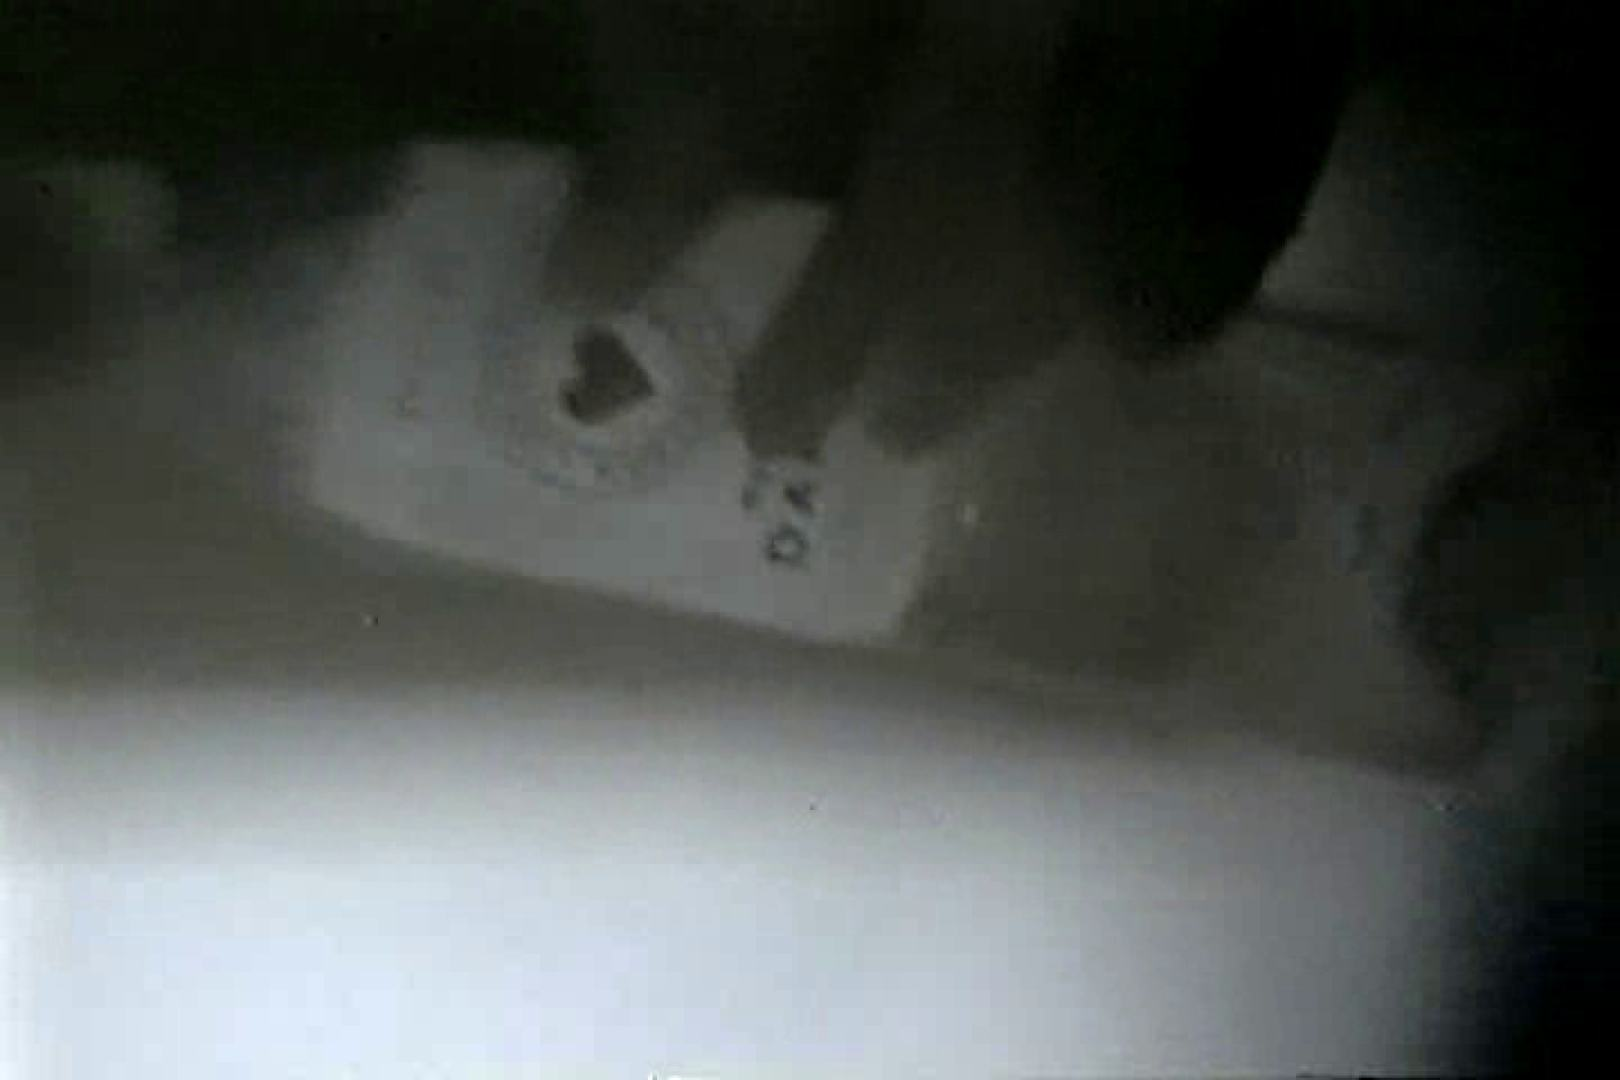 深夜の撮影会Vol.6 OLセックス 盗撮AV動画キャプチャ 88画像 87